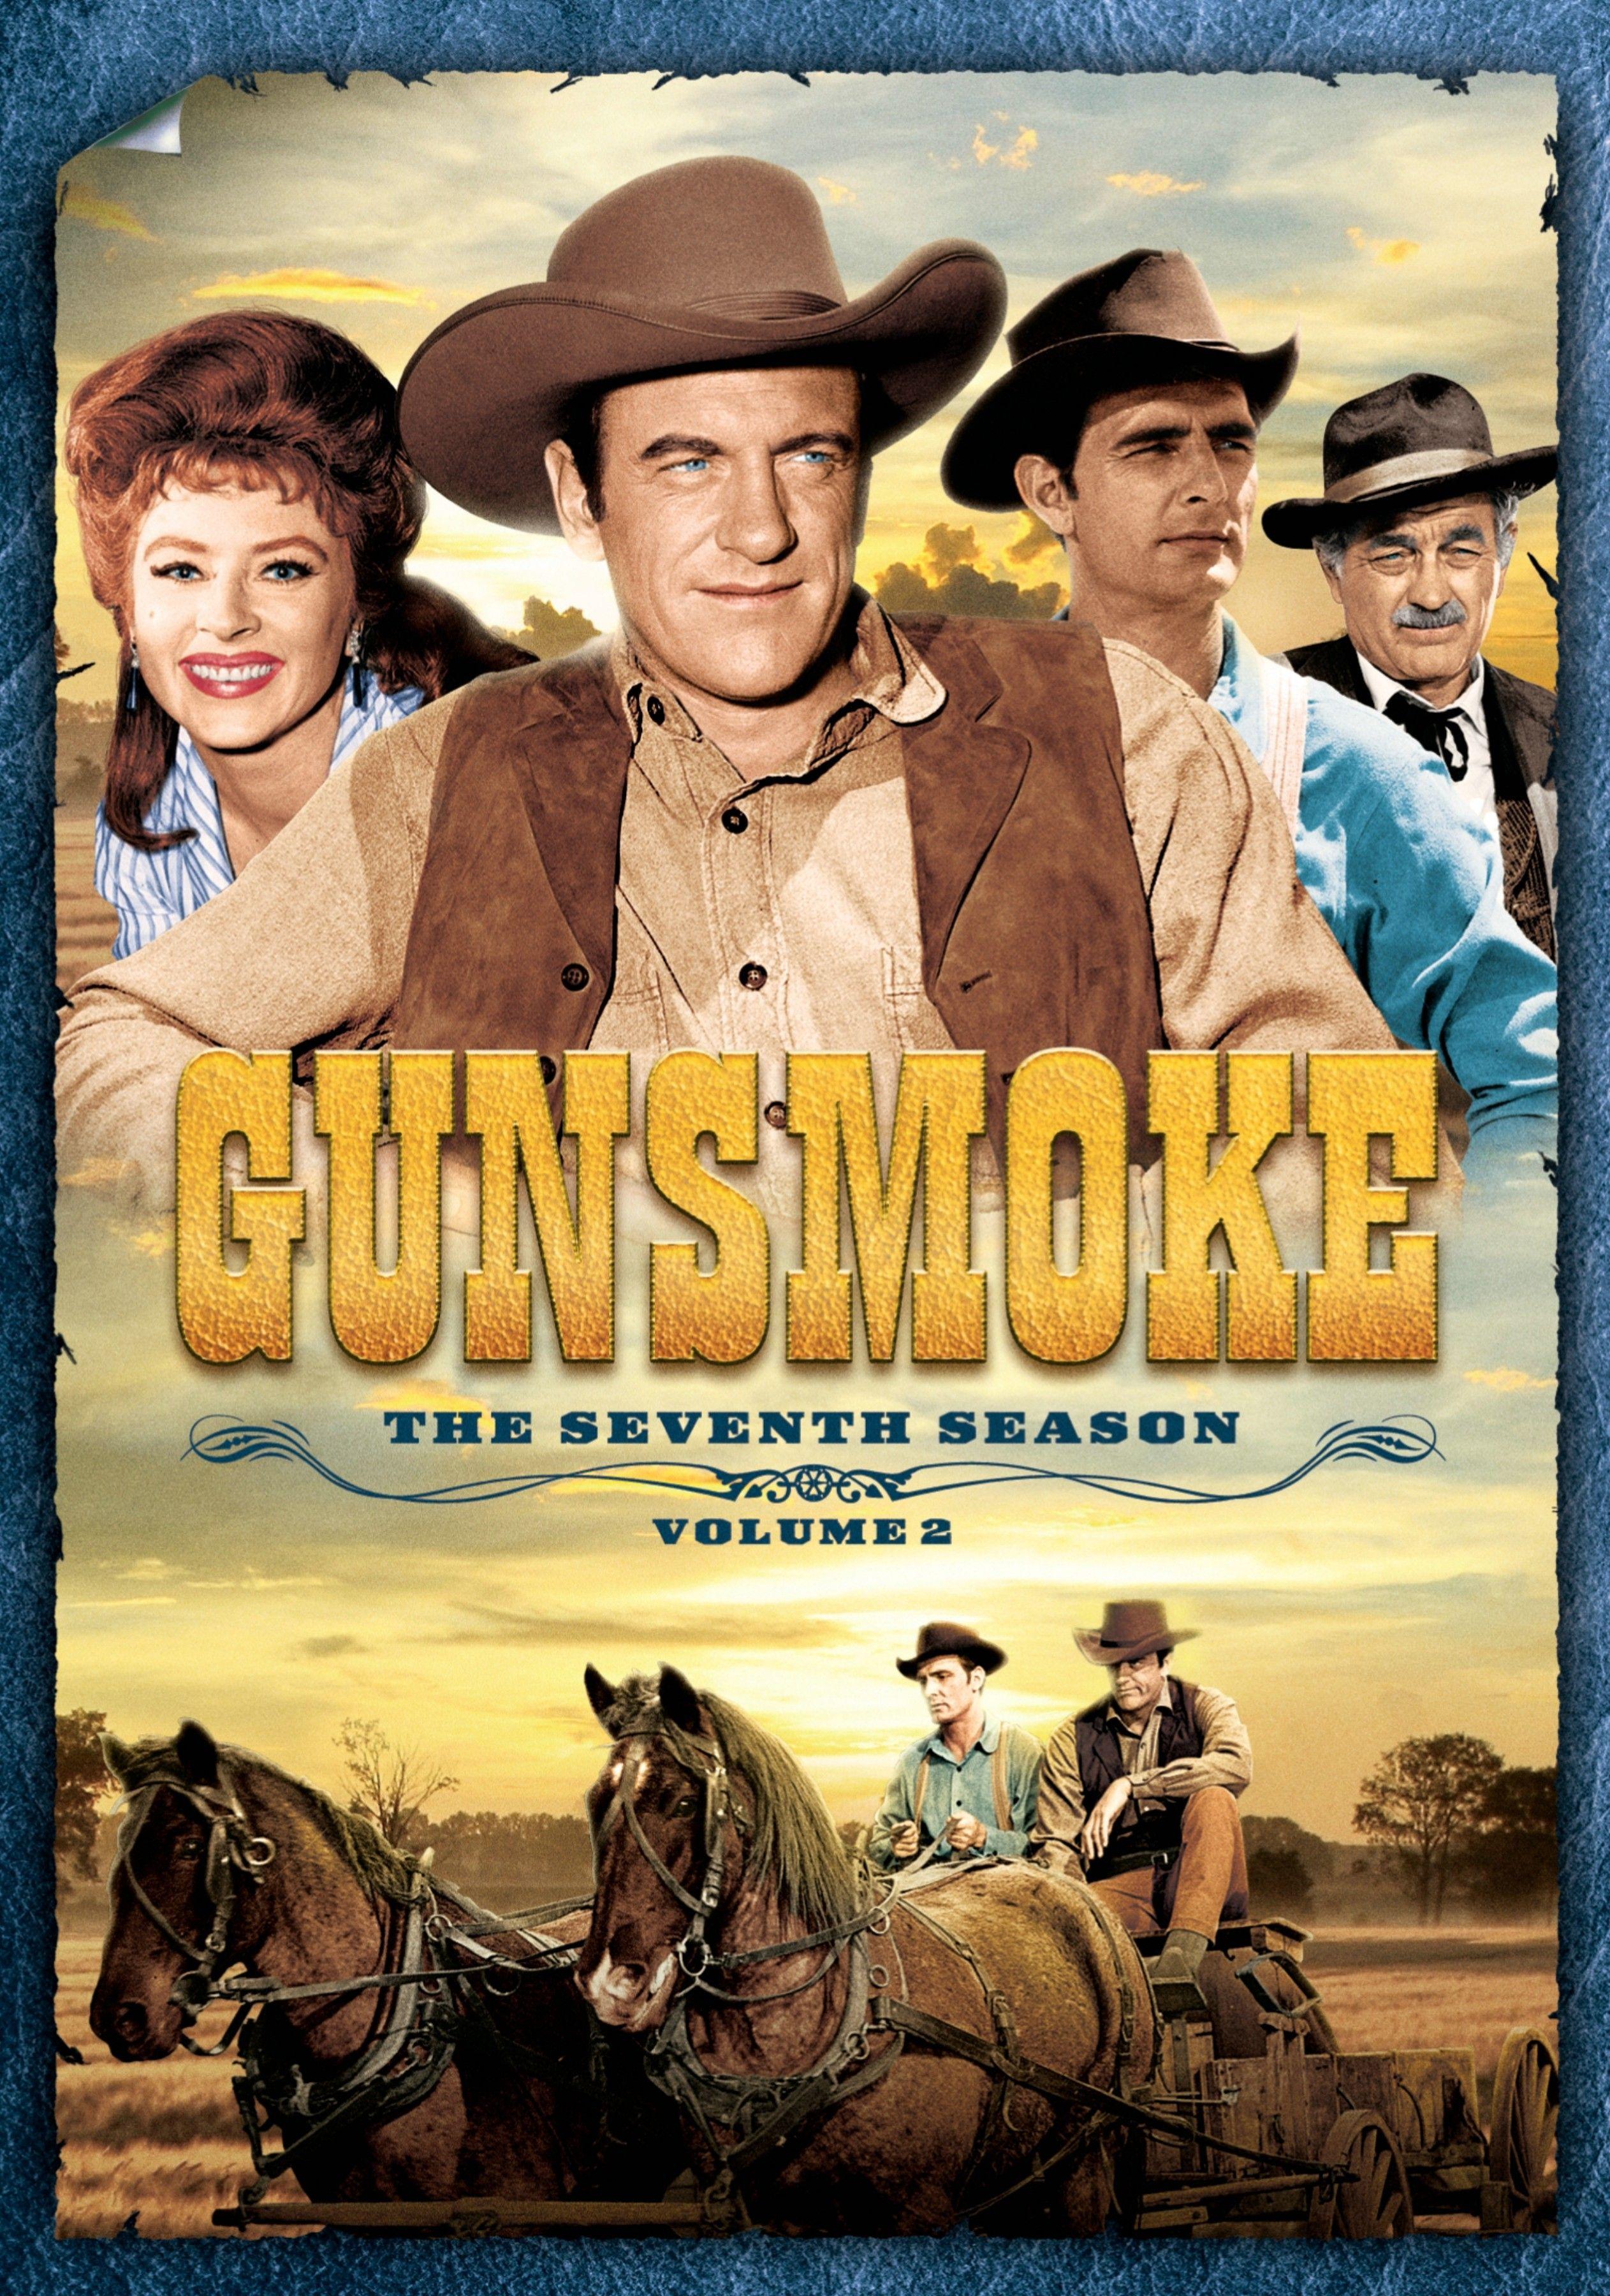 Gunsmoke, the Seventh Season Volume 2 on DVD. Gunsmoke